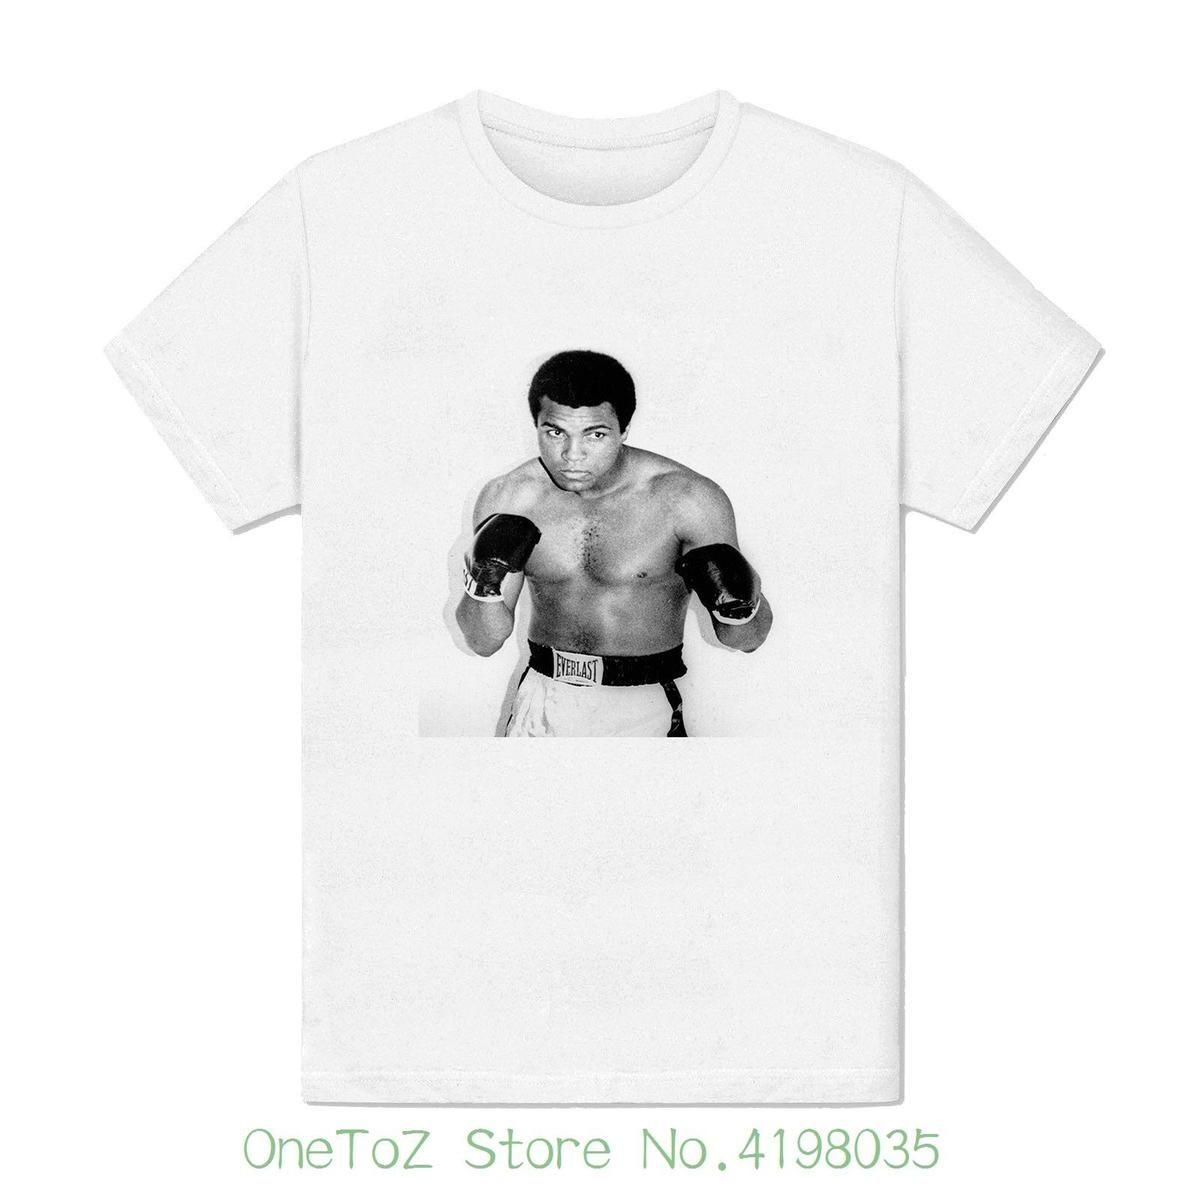 Acheter T Shirt Homme Mohamed Ali Muhammed Ali Star Boxe Mort Legende Argile Vêtements De Sport Tops Hipster Mode De $12.79 Du Pxue3207 | DHgate.Com